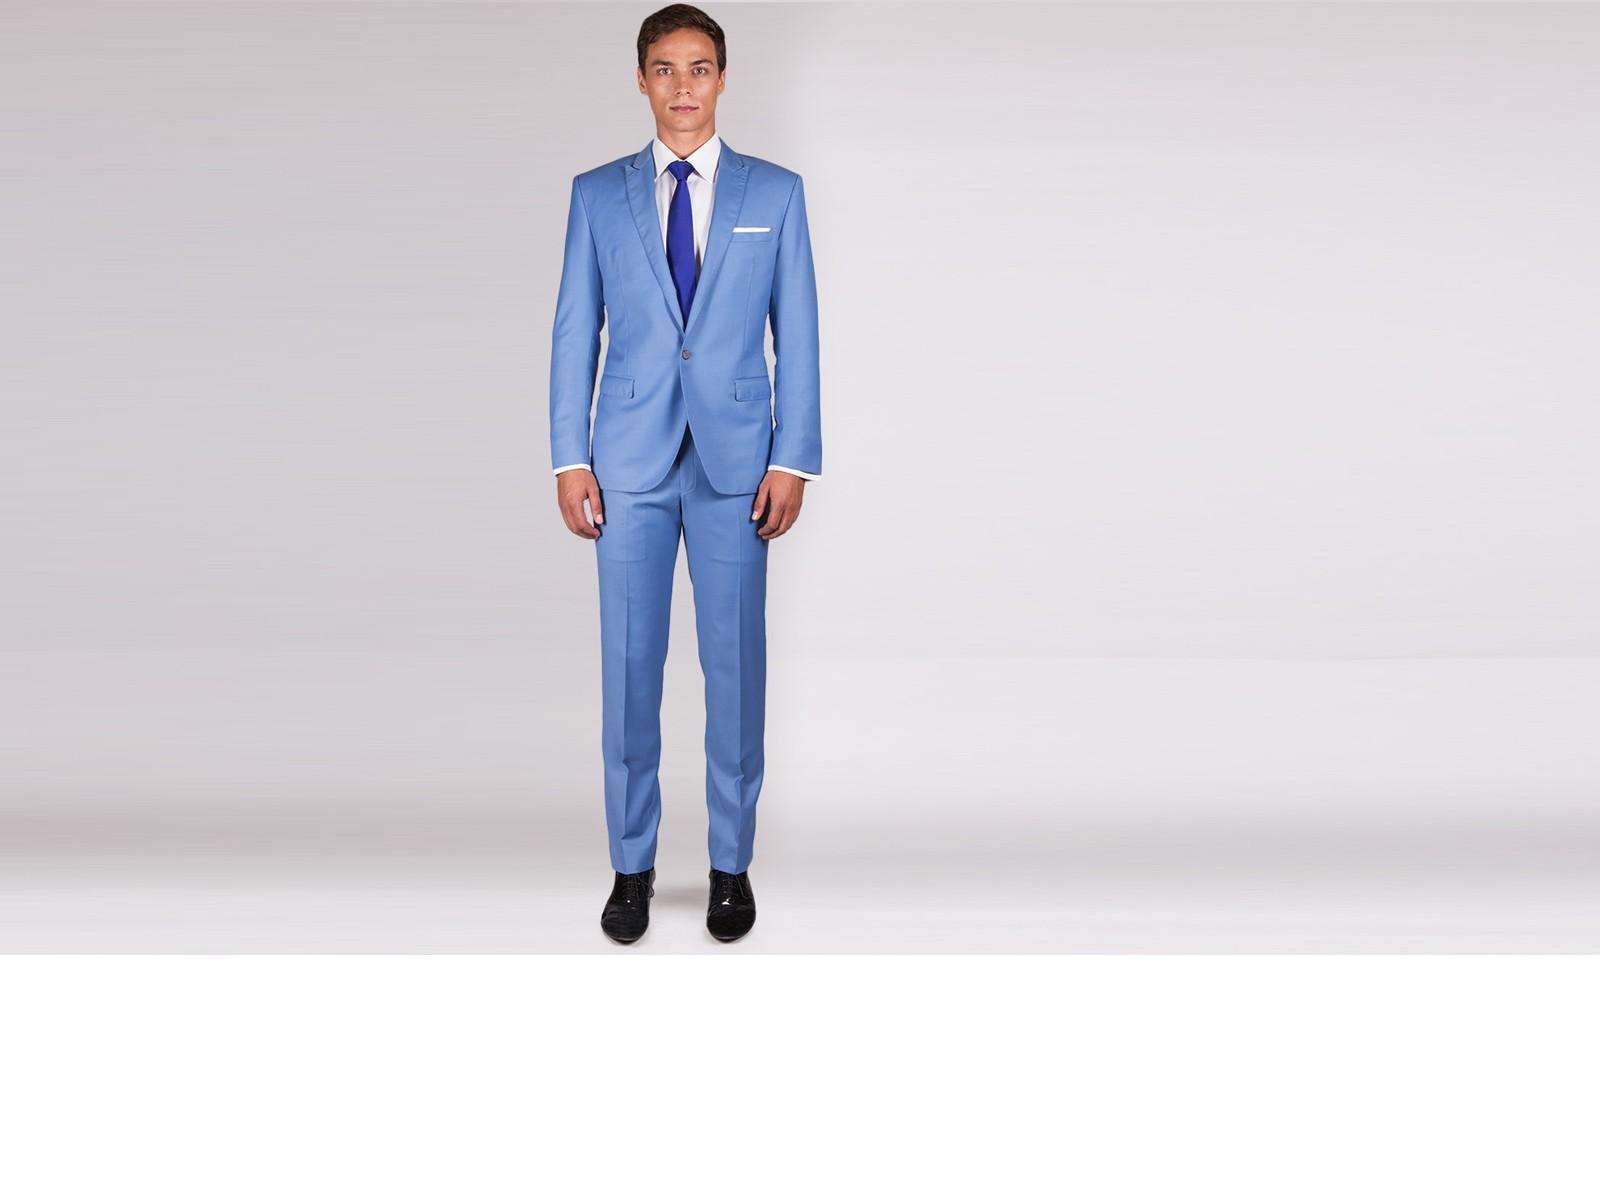 The Dandy - Sky Blue Suit 2 Piece Custom Suit